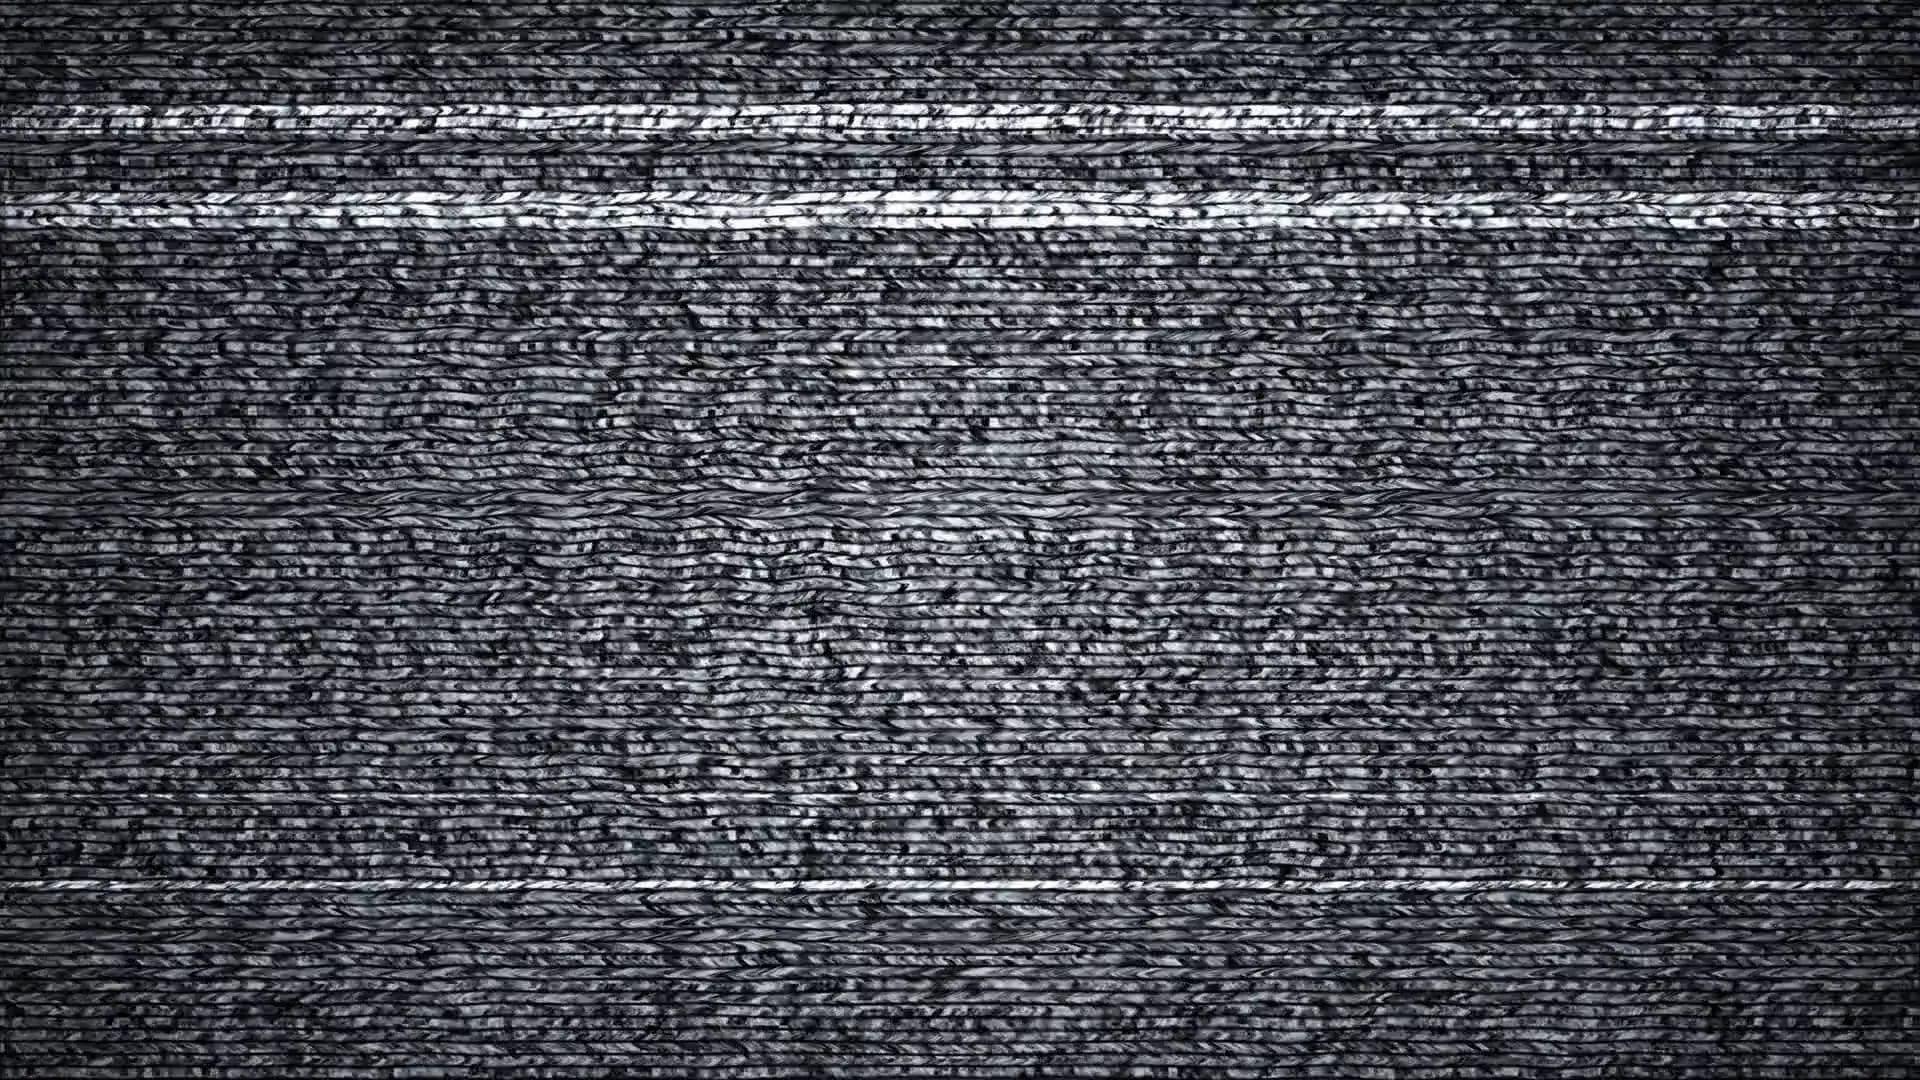 Tv Static hd desktop wallpaper